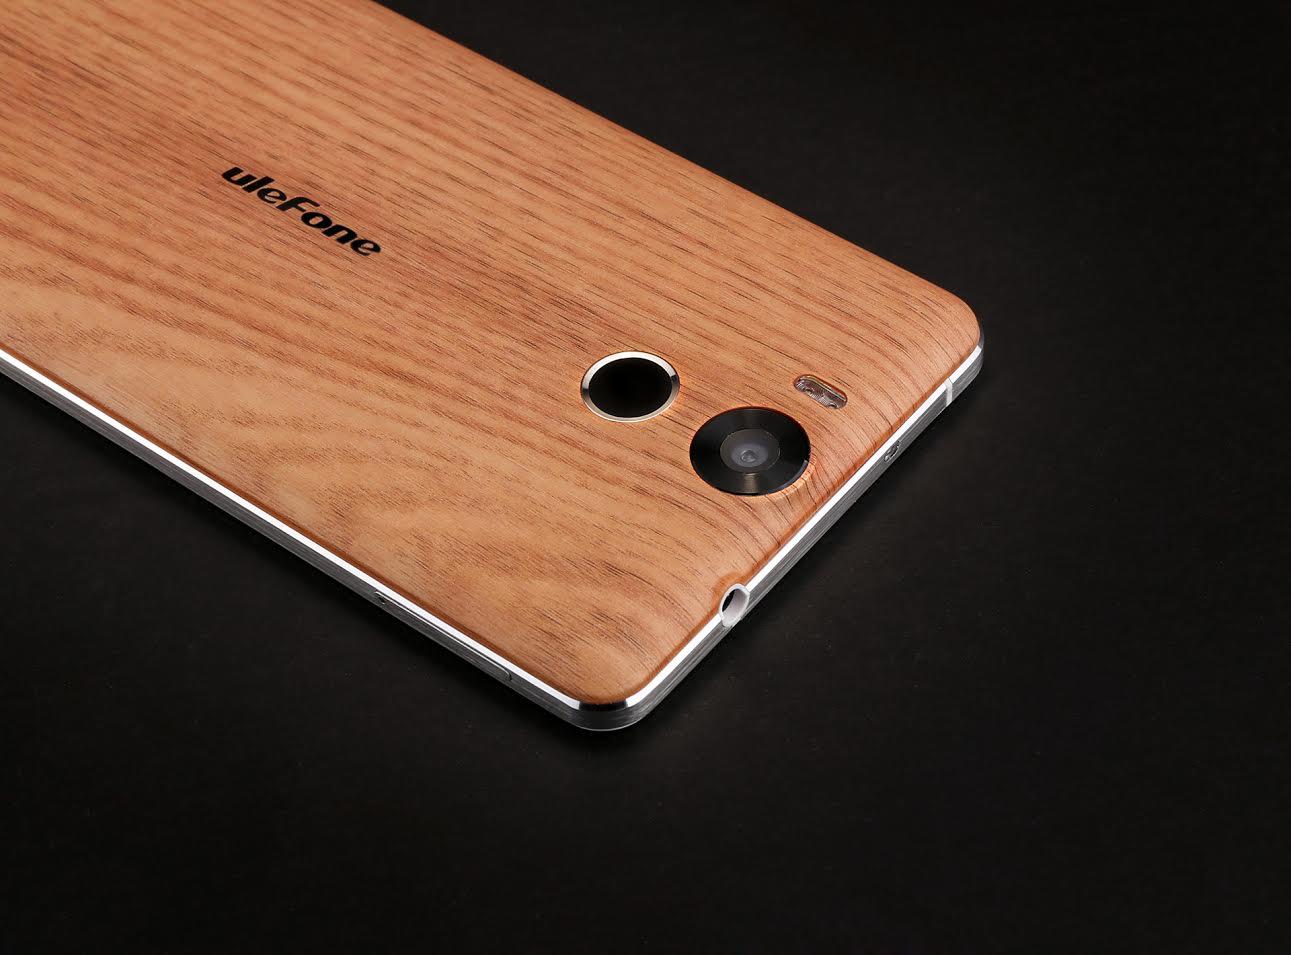 Ulefone Power, smartphone-ul cu baterie de 6050 mAh și dotări high-end, se lasă admirat în fotografii oficiale